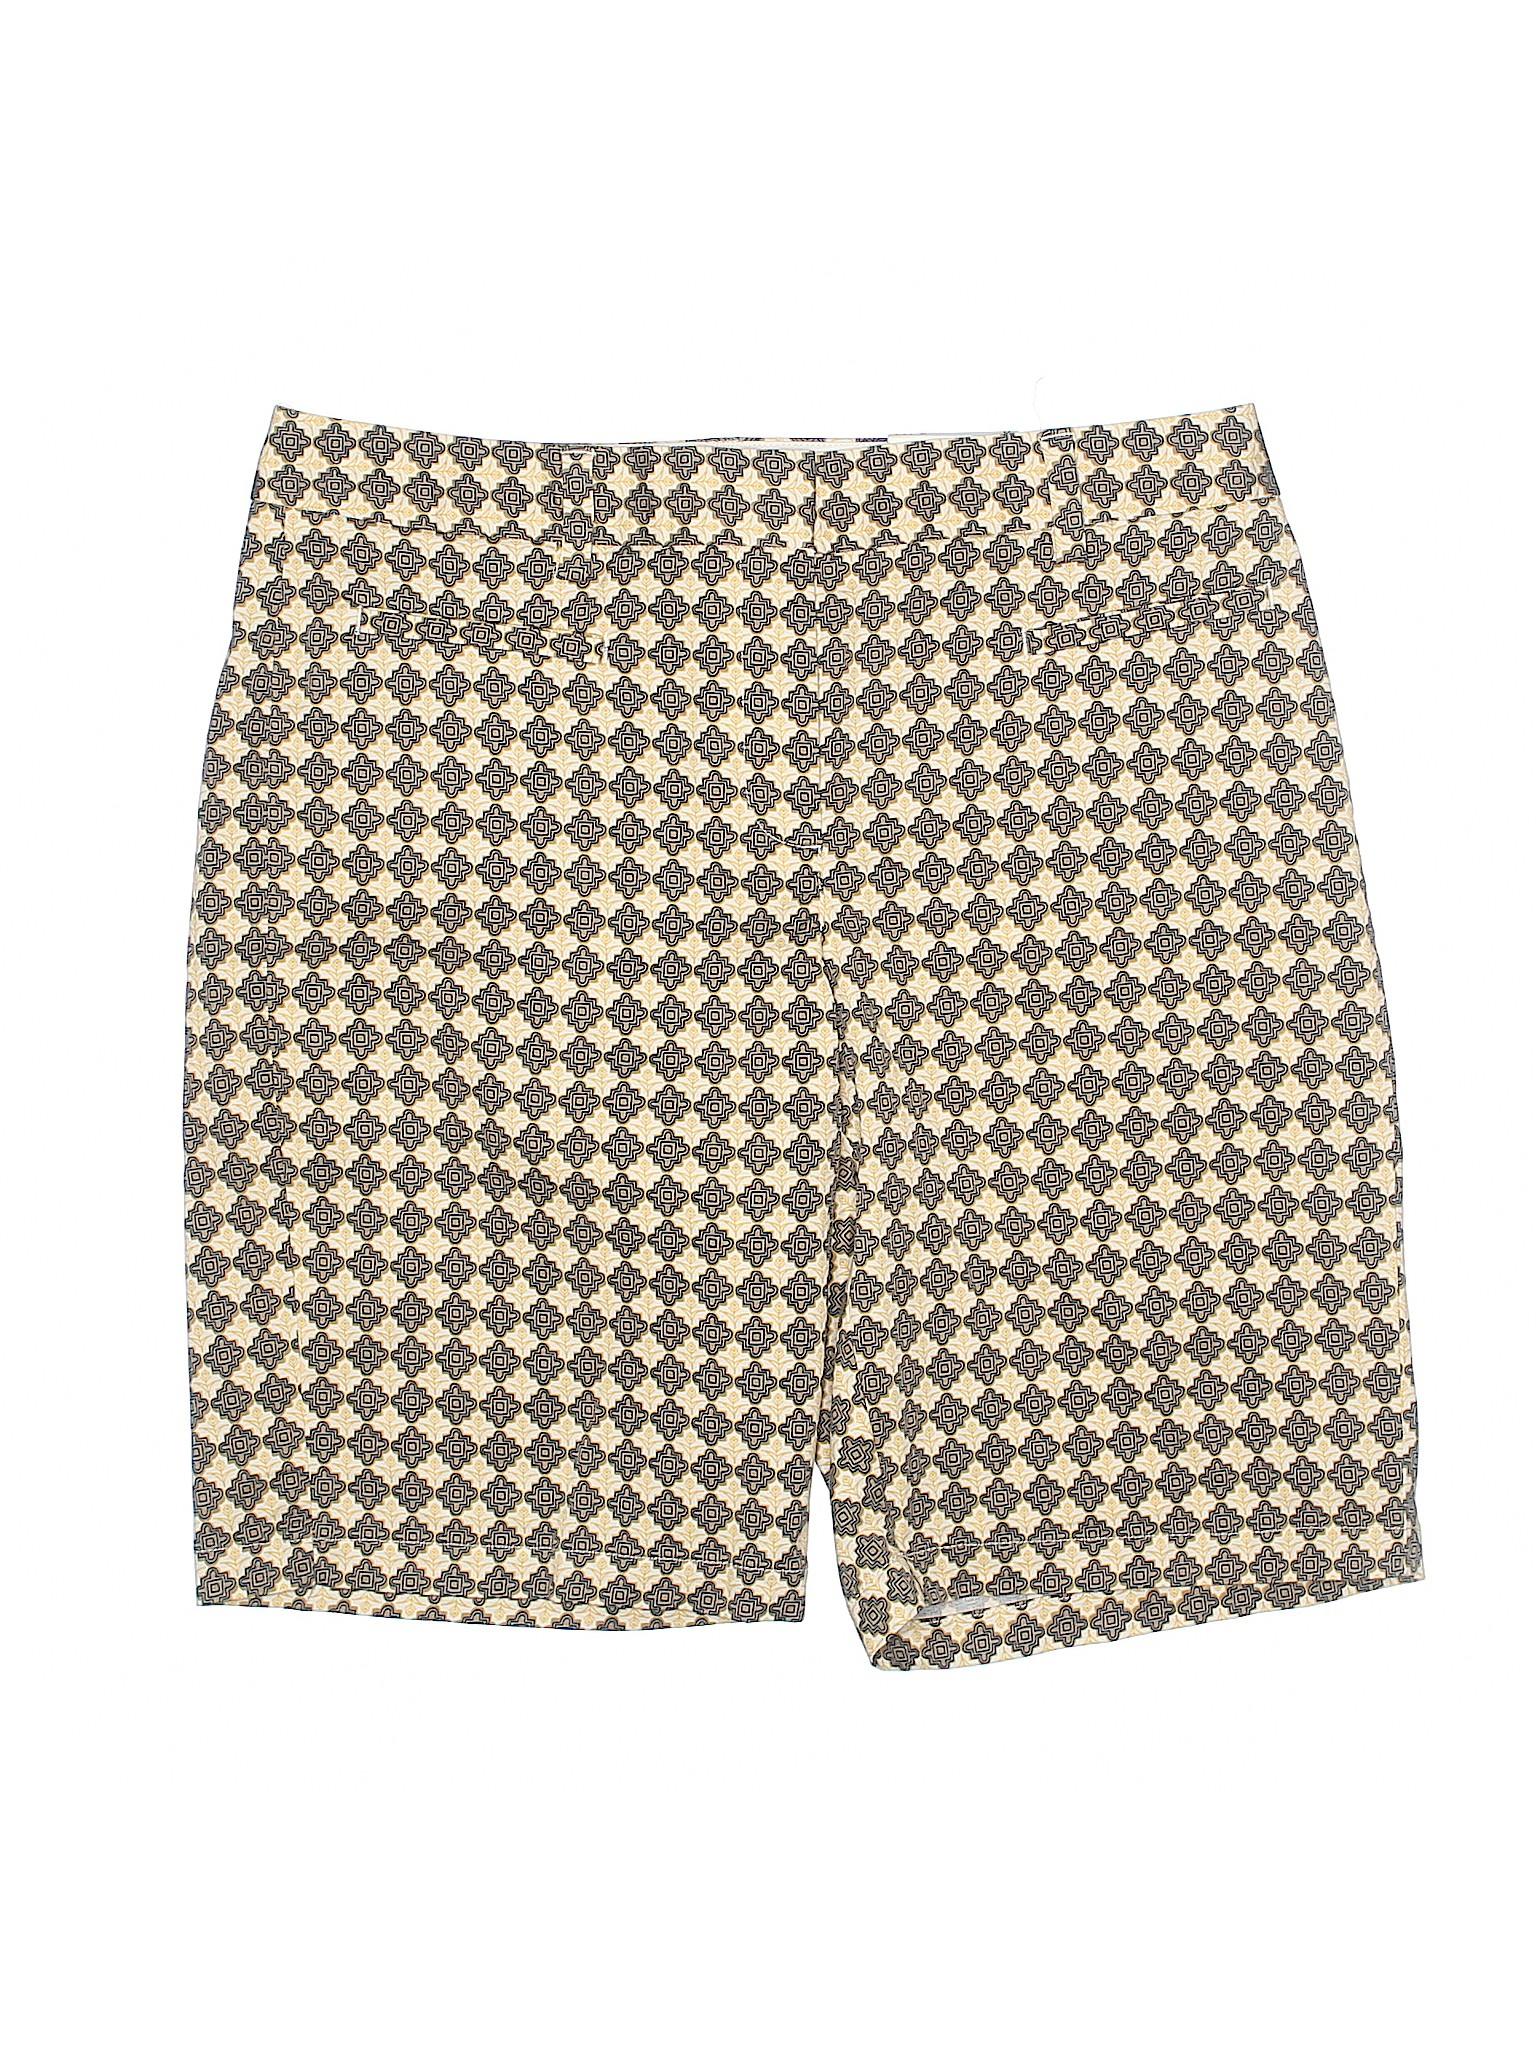 leisure Lands' Boutique End Shorts Khaki 6Oxpdwq